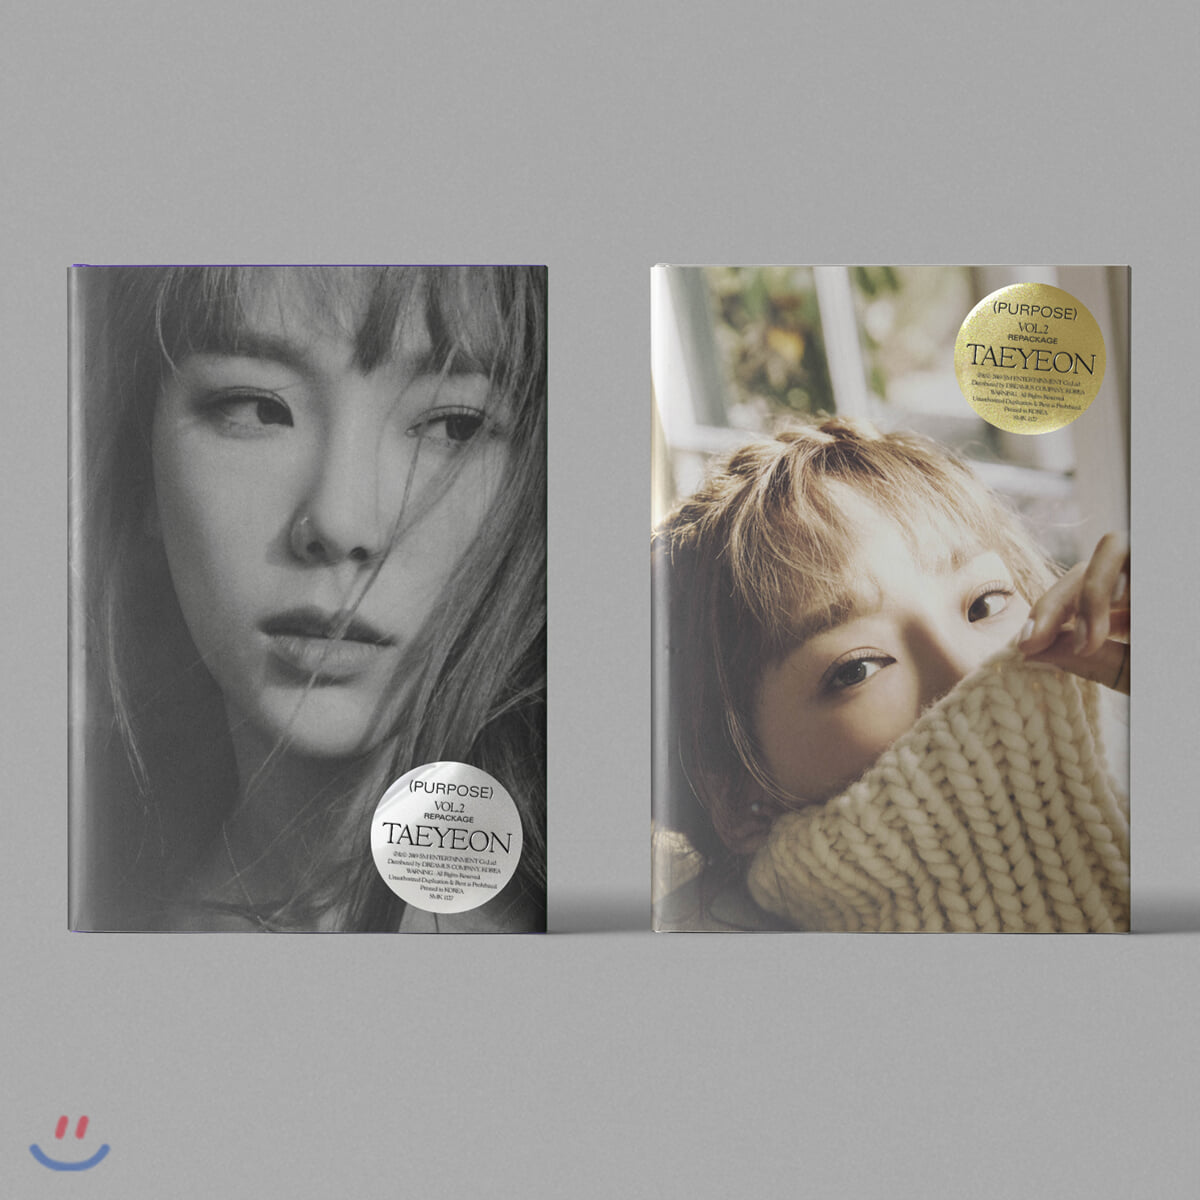 태연 (Taeyeon) 2집 리패키지 - Purpose [Purple 또는 Beige 버전 중 랜덤 1종 발송]